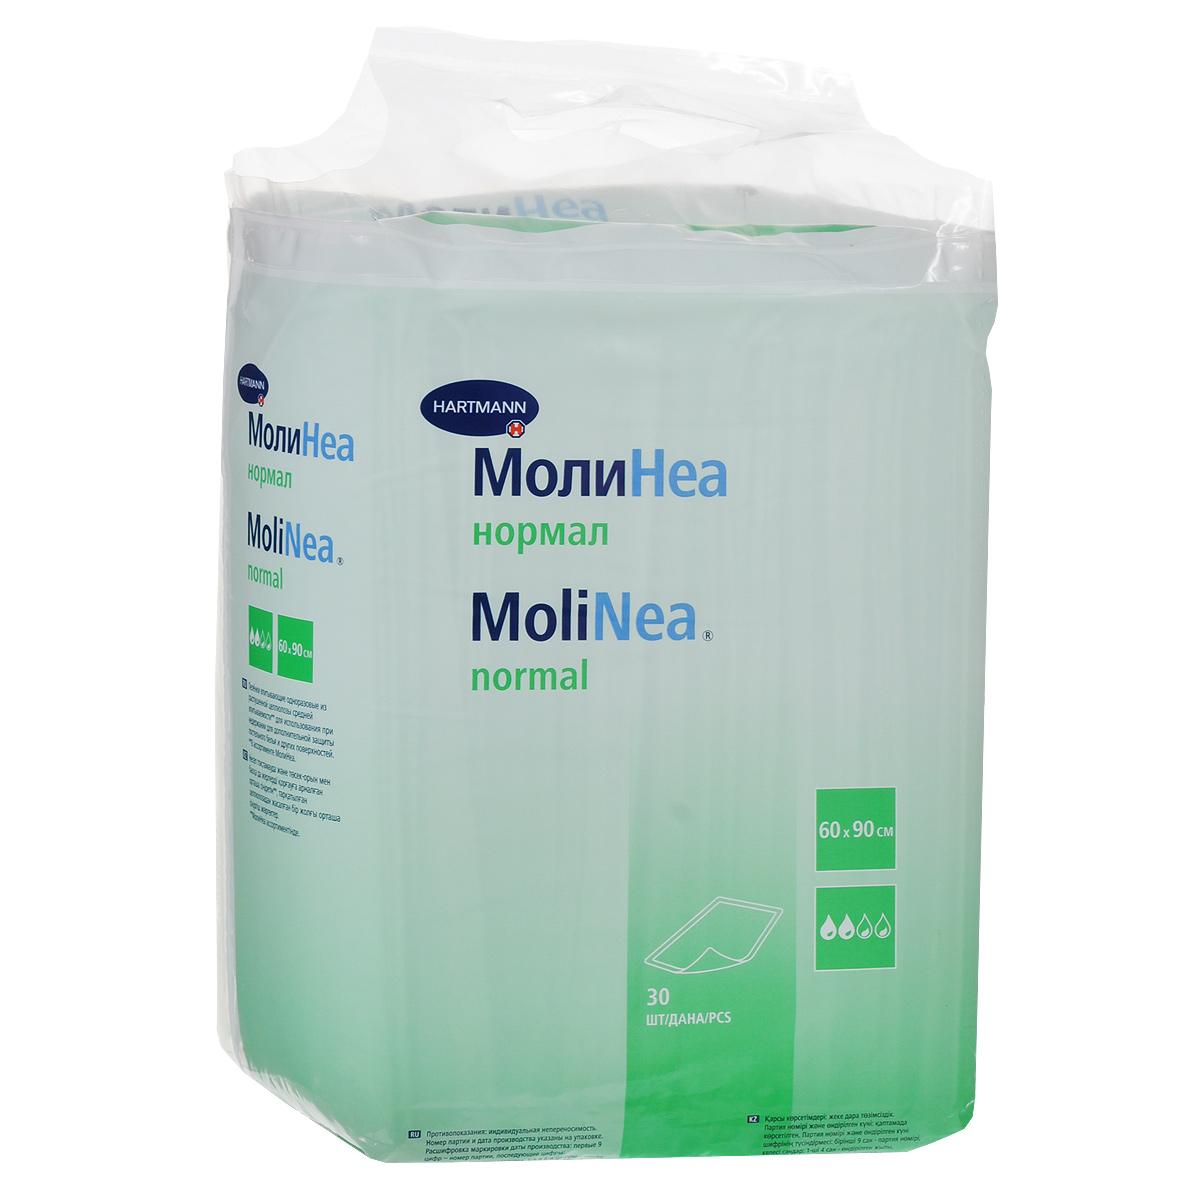 Одноразовые впитывающие пеленки Molinea (Молинеа) Normal, 60 см х 90 см, 30 шт одноразовые пеленки greenty гринти 60 см x 90 см 10 шт